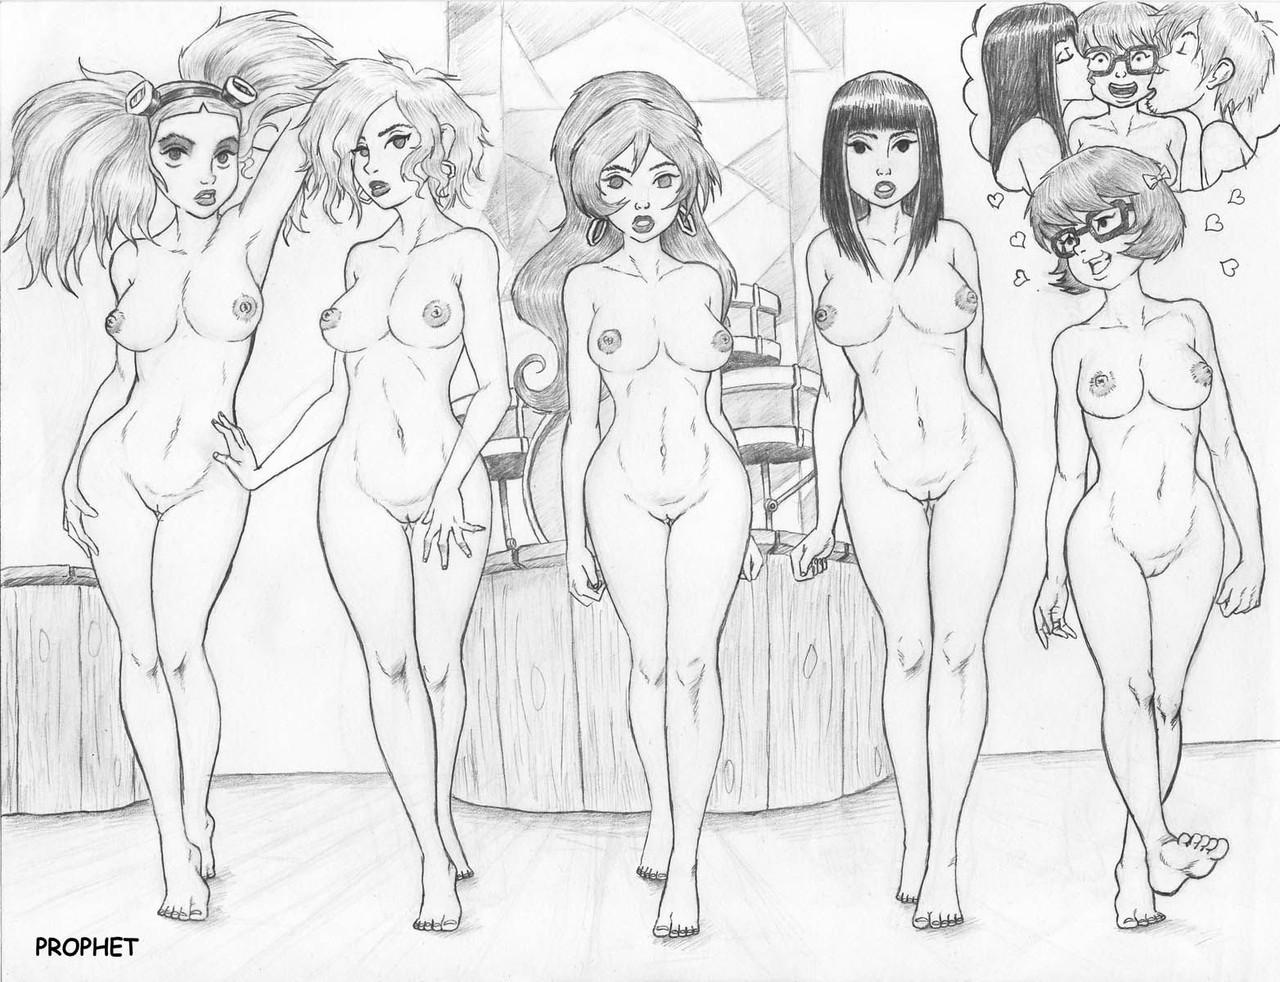 ヴェルマ・デイス・ディンクリー206